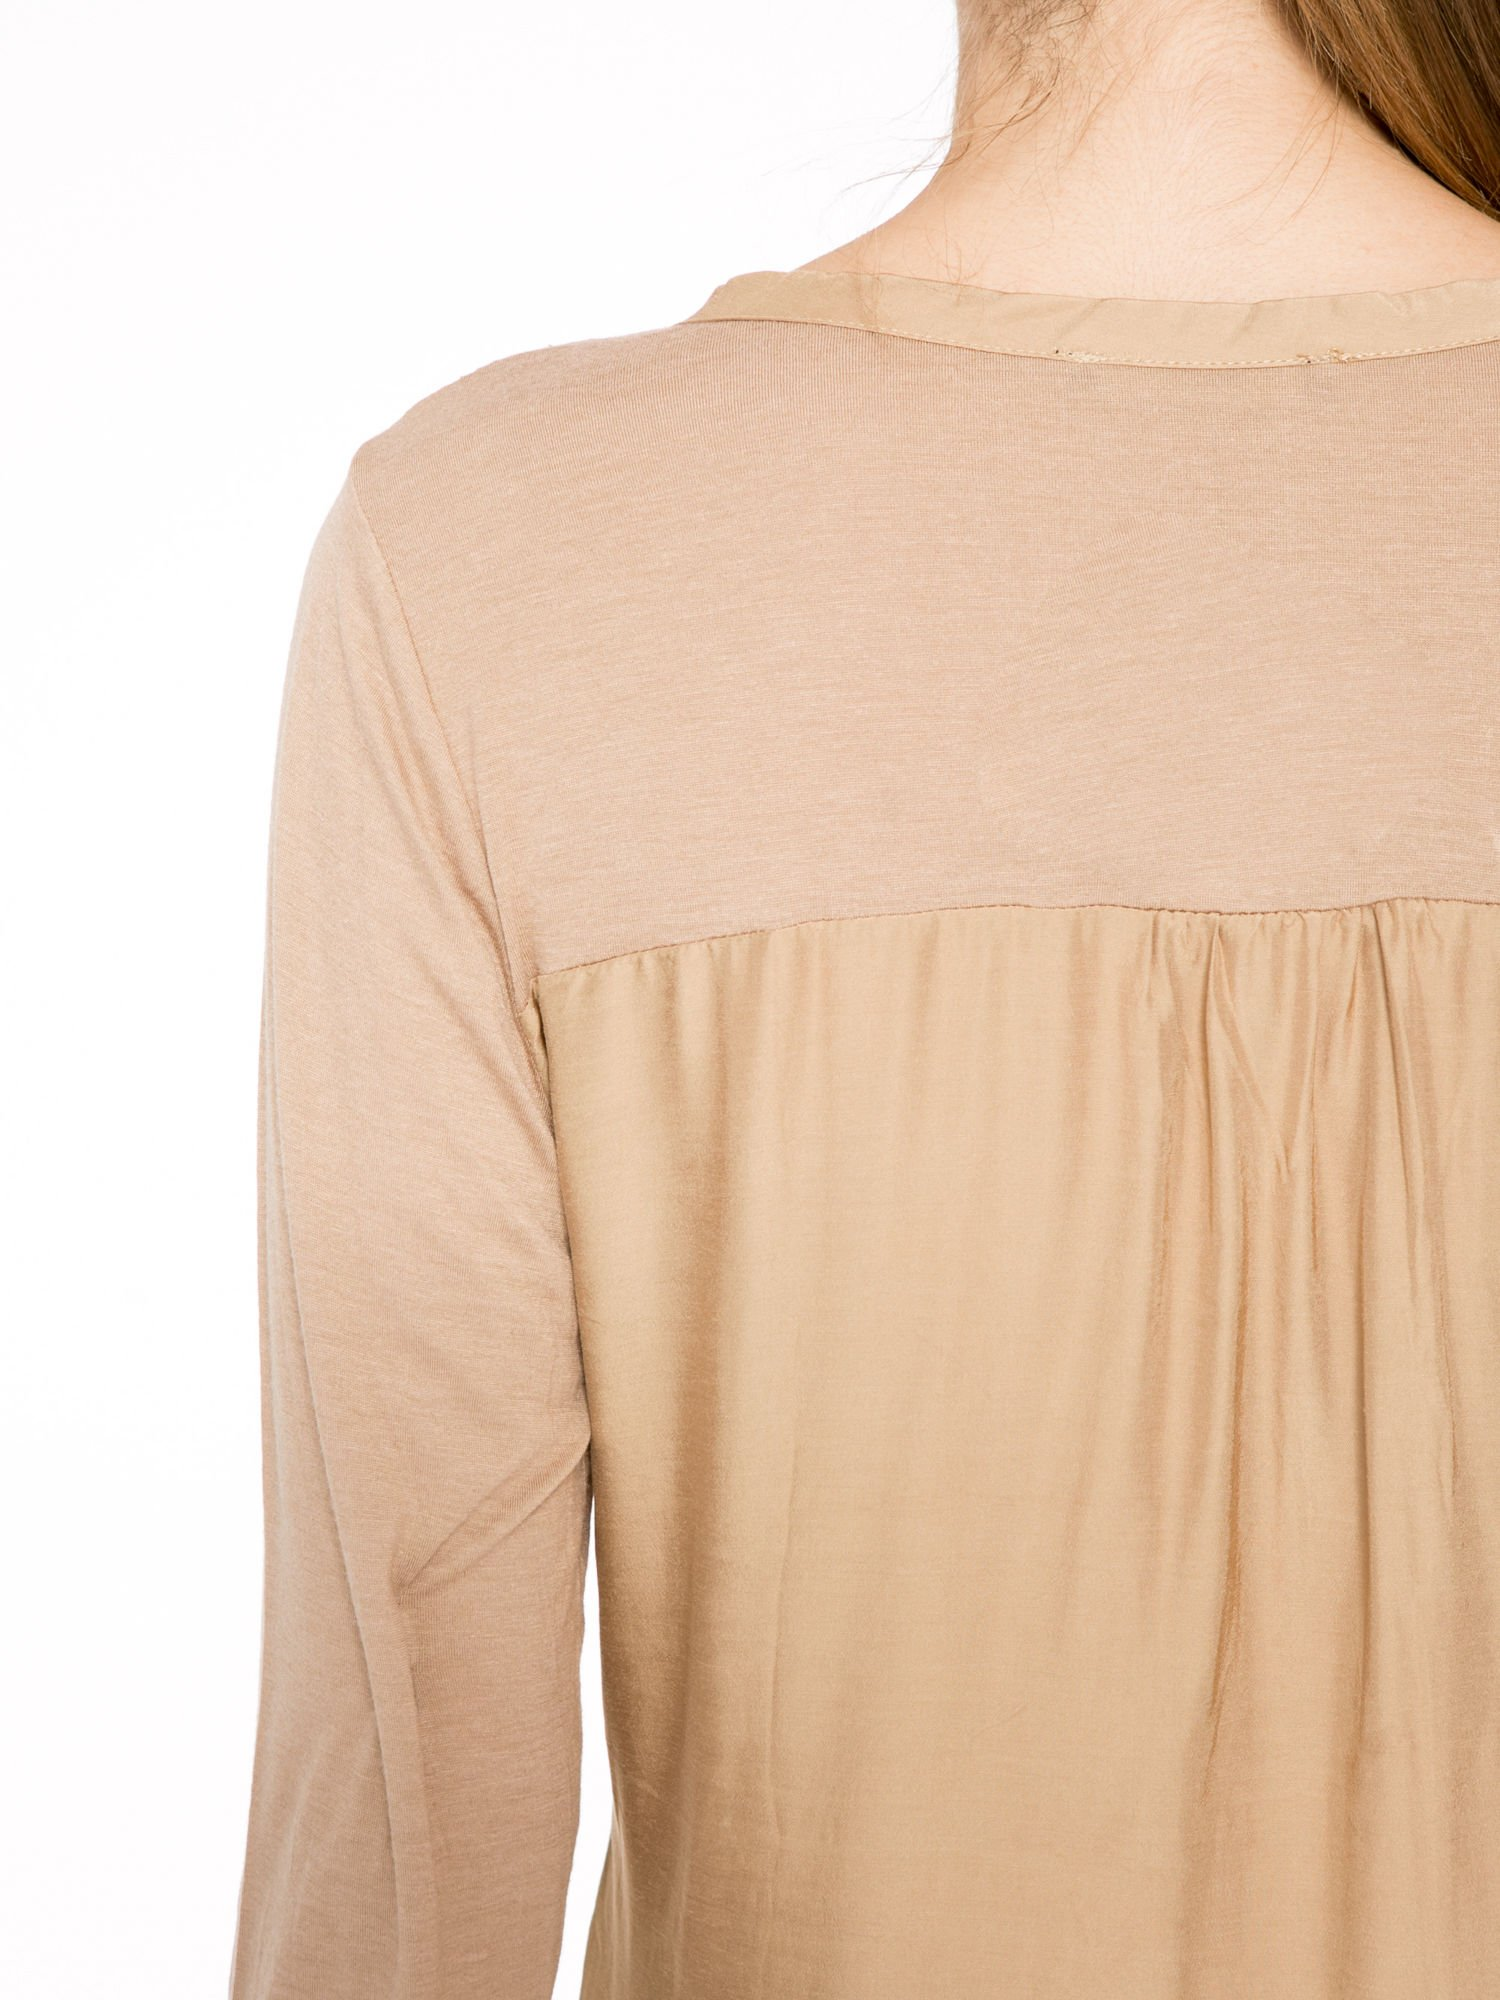 Jasnobrązowa bluzka z atłasowym obszyciem przy dekolcie i kieszonką                                  zdj.                                  7